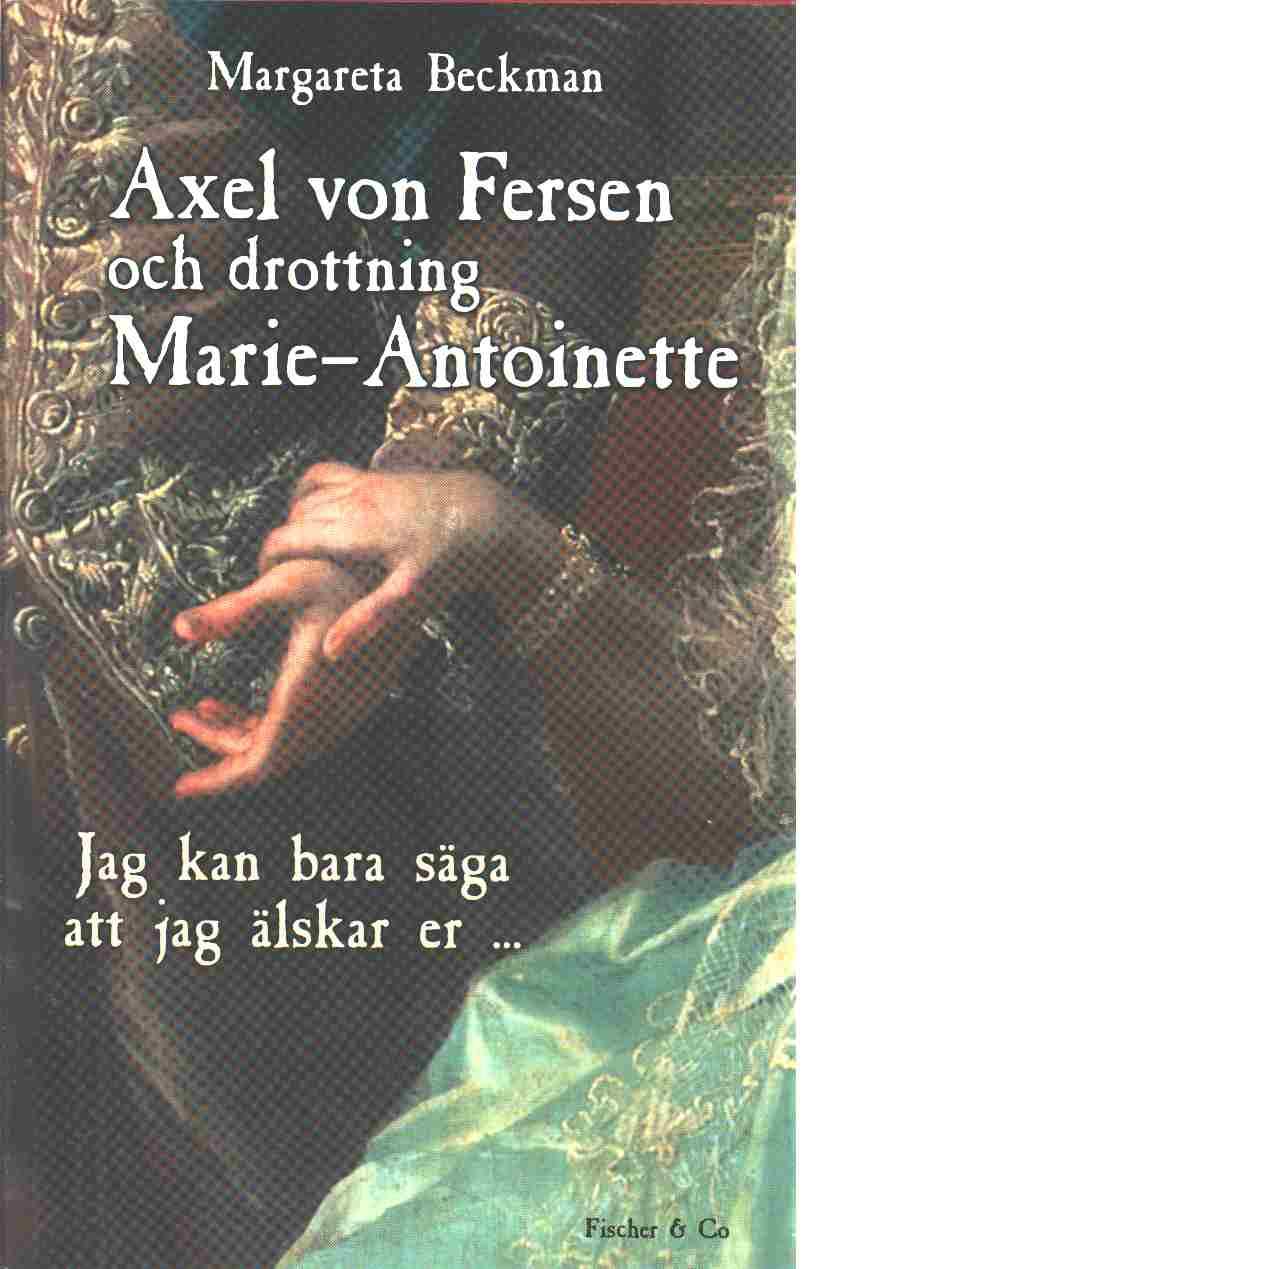 Axel von Fersen och drottning Marie-Antoinette - Beckman, Margareta